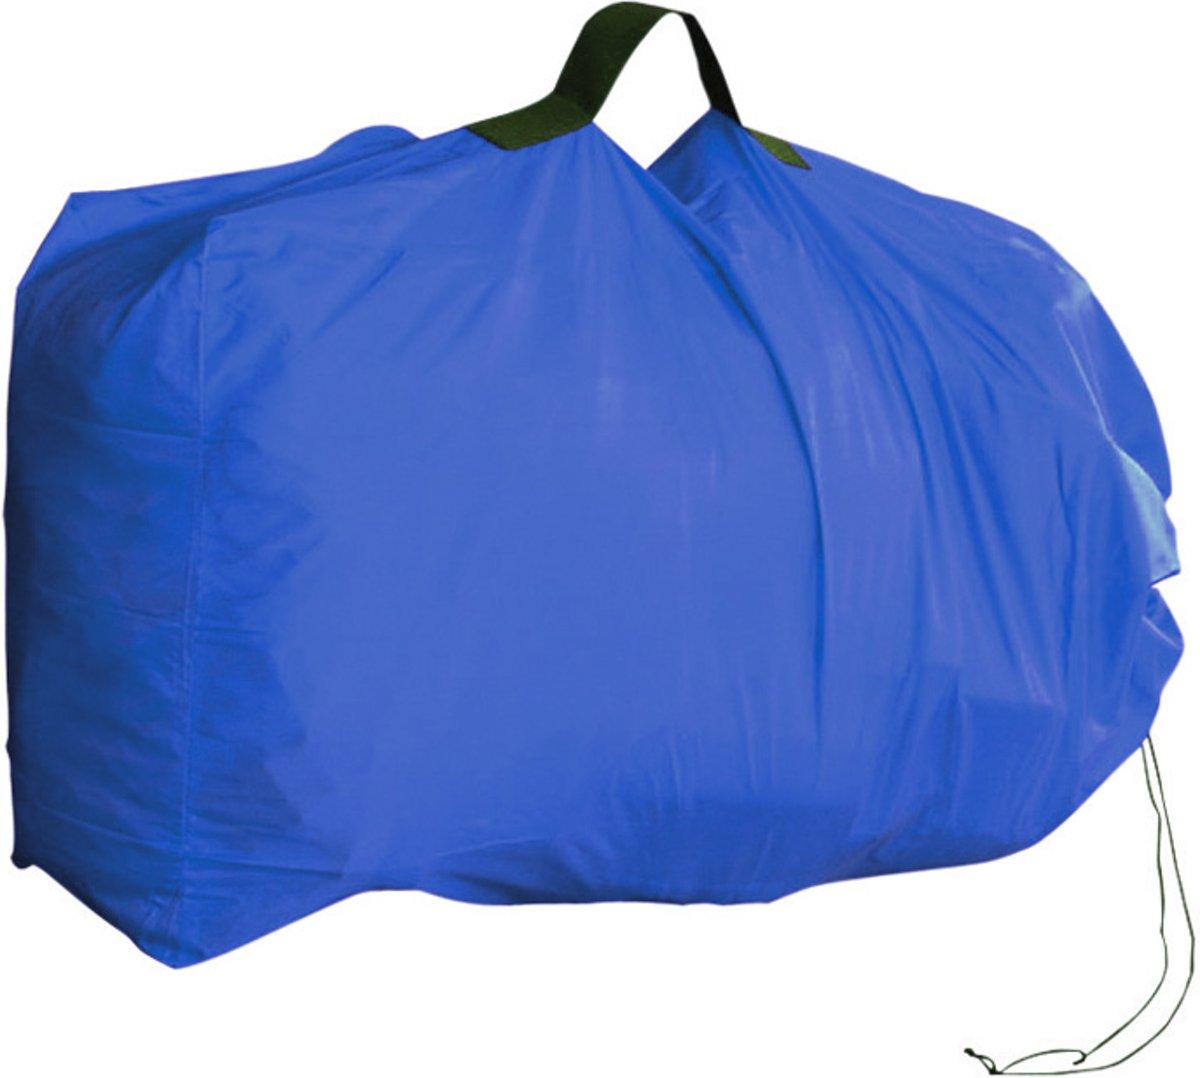 LOWLAND OUTDOOR® Flightbag 85 Liter - 210gr kopen